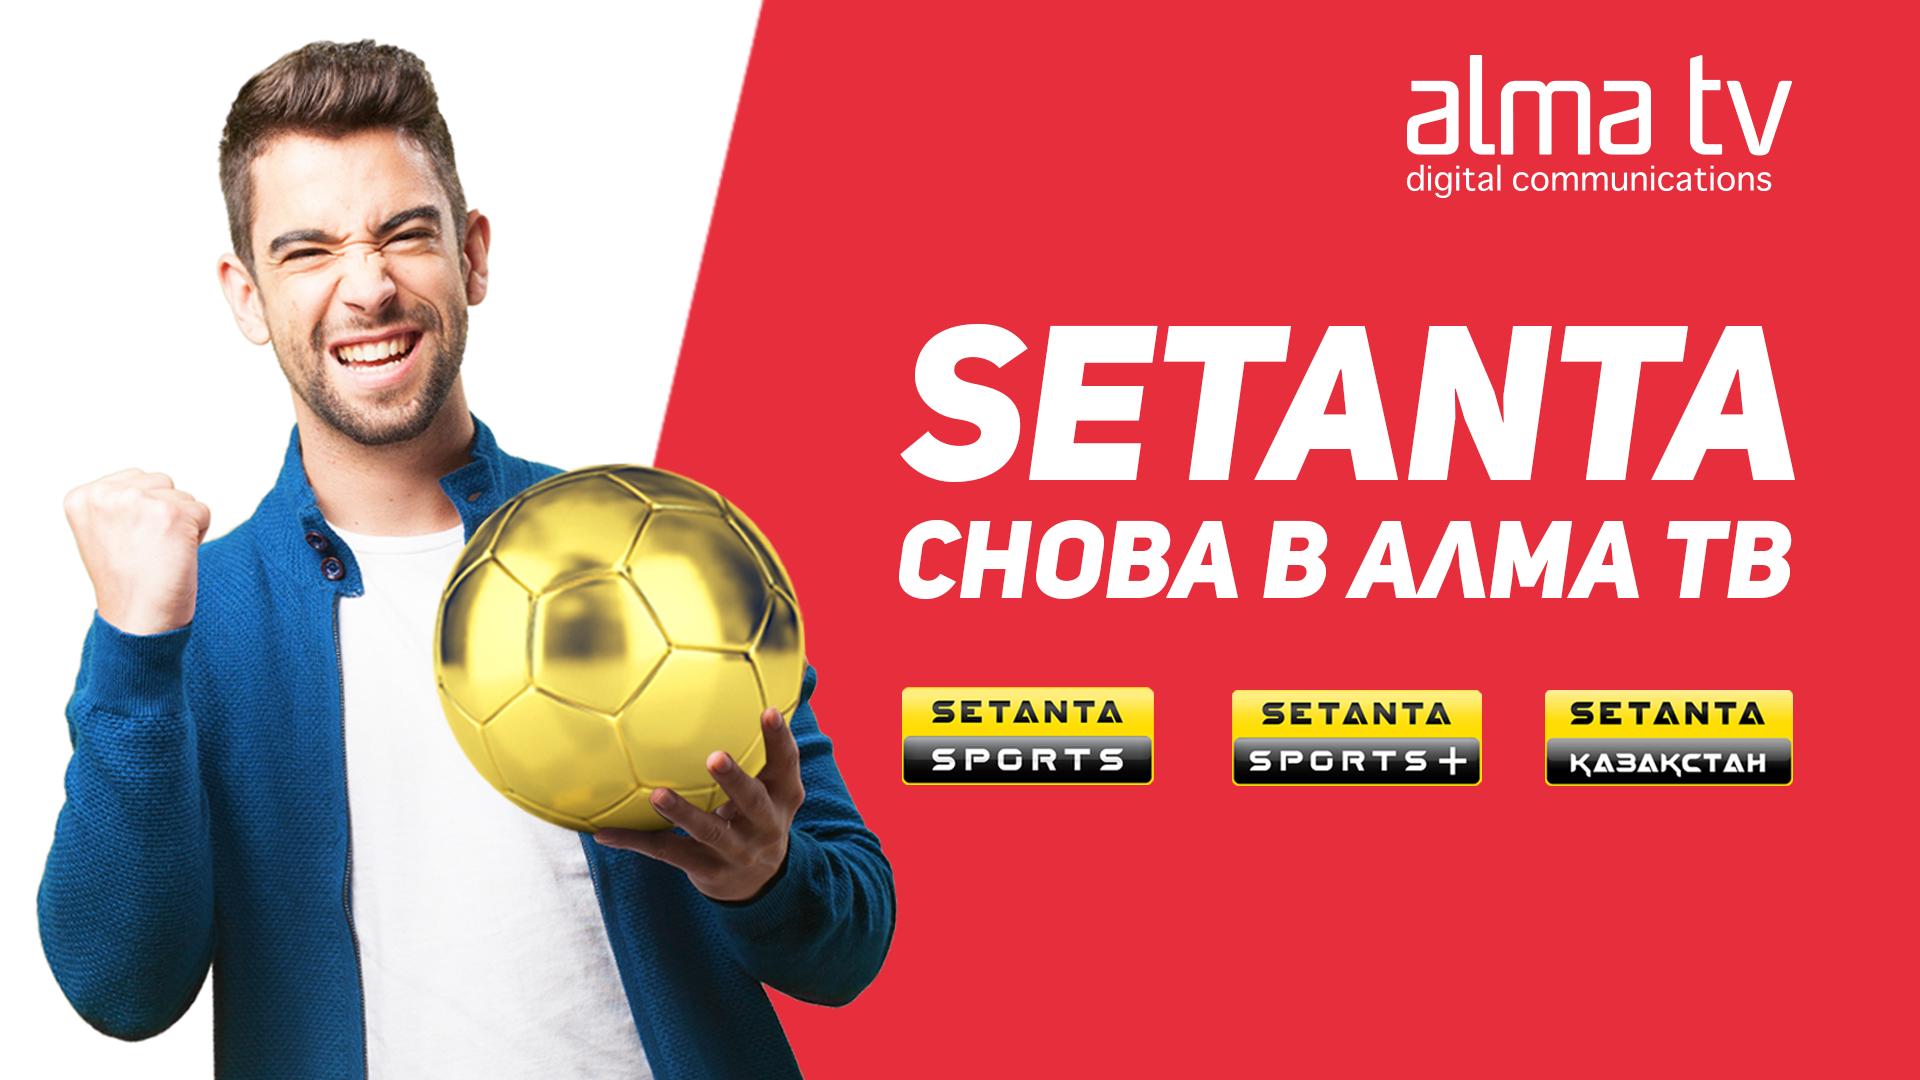 ... Литву и Эстонию. В этот же период был запущен канал Setanta Sports  Eurasia+. Канал Setanta Kazakhstan начал вещание в 2016 году и является ... 848b65188d8